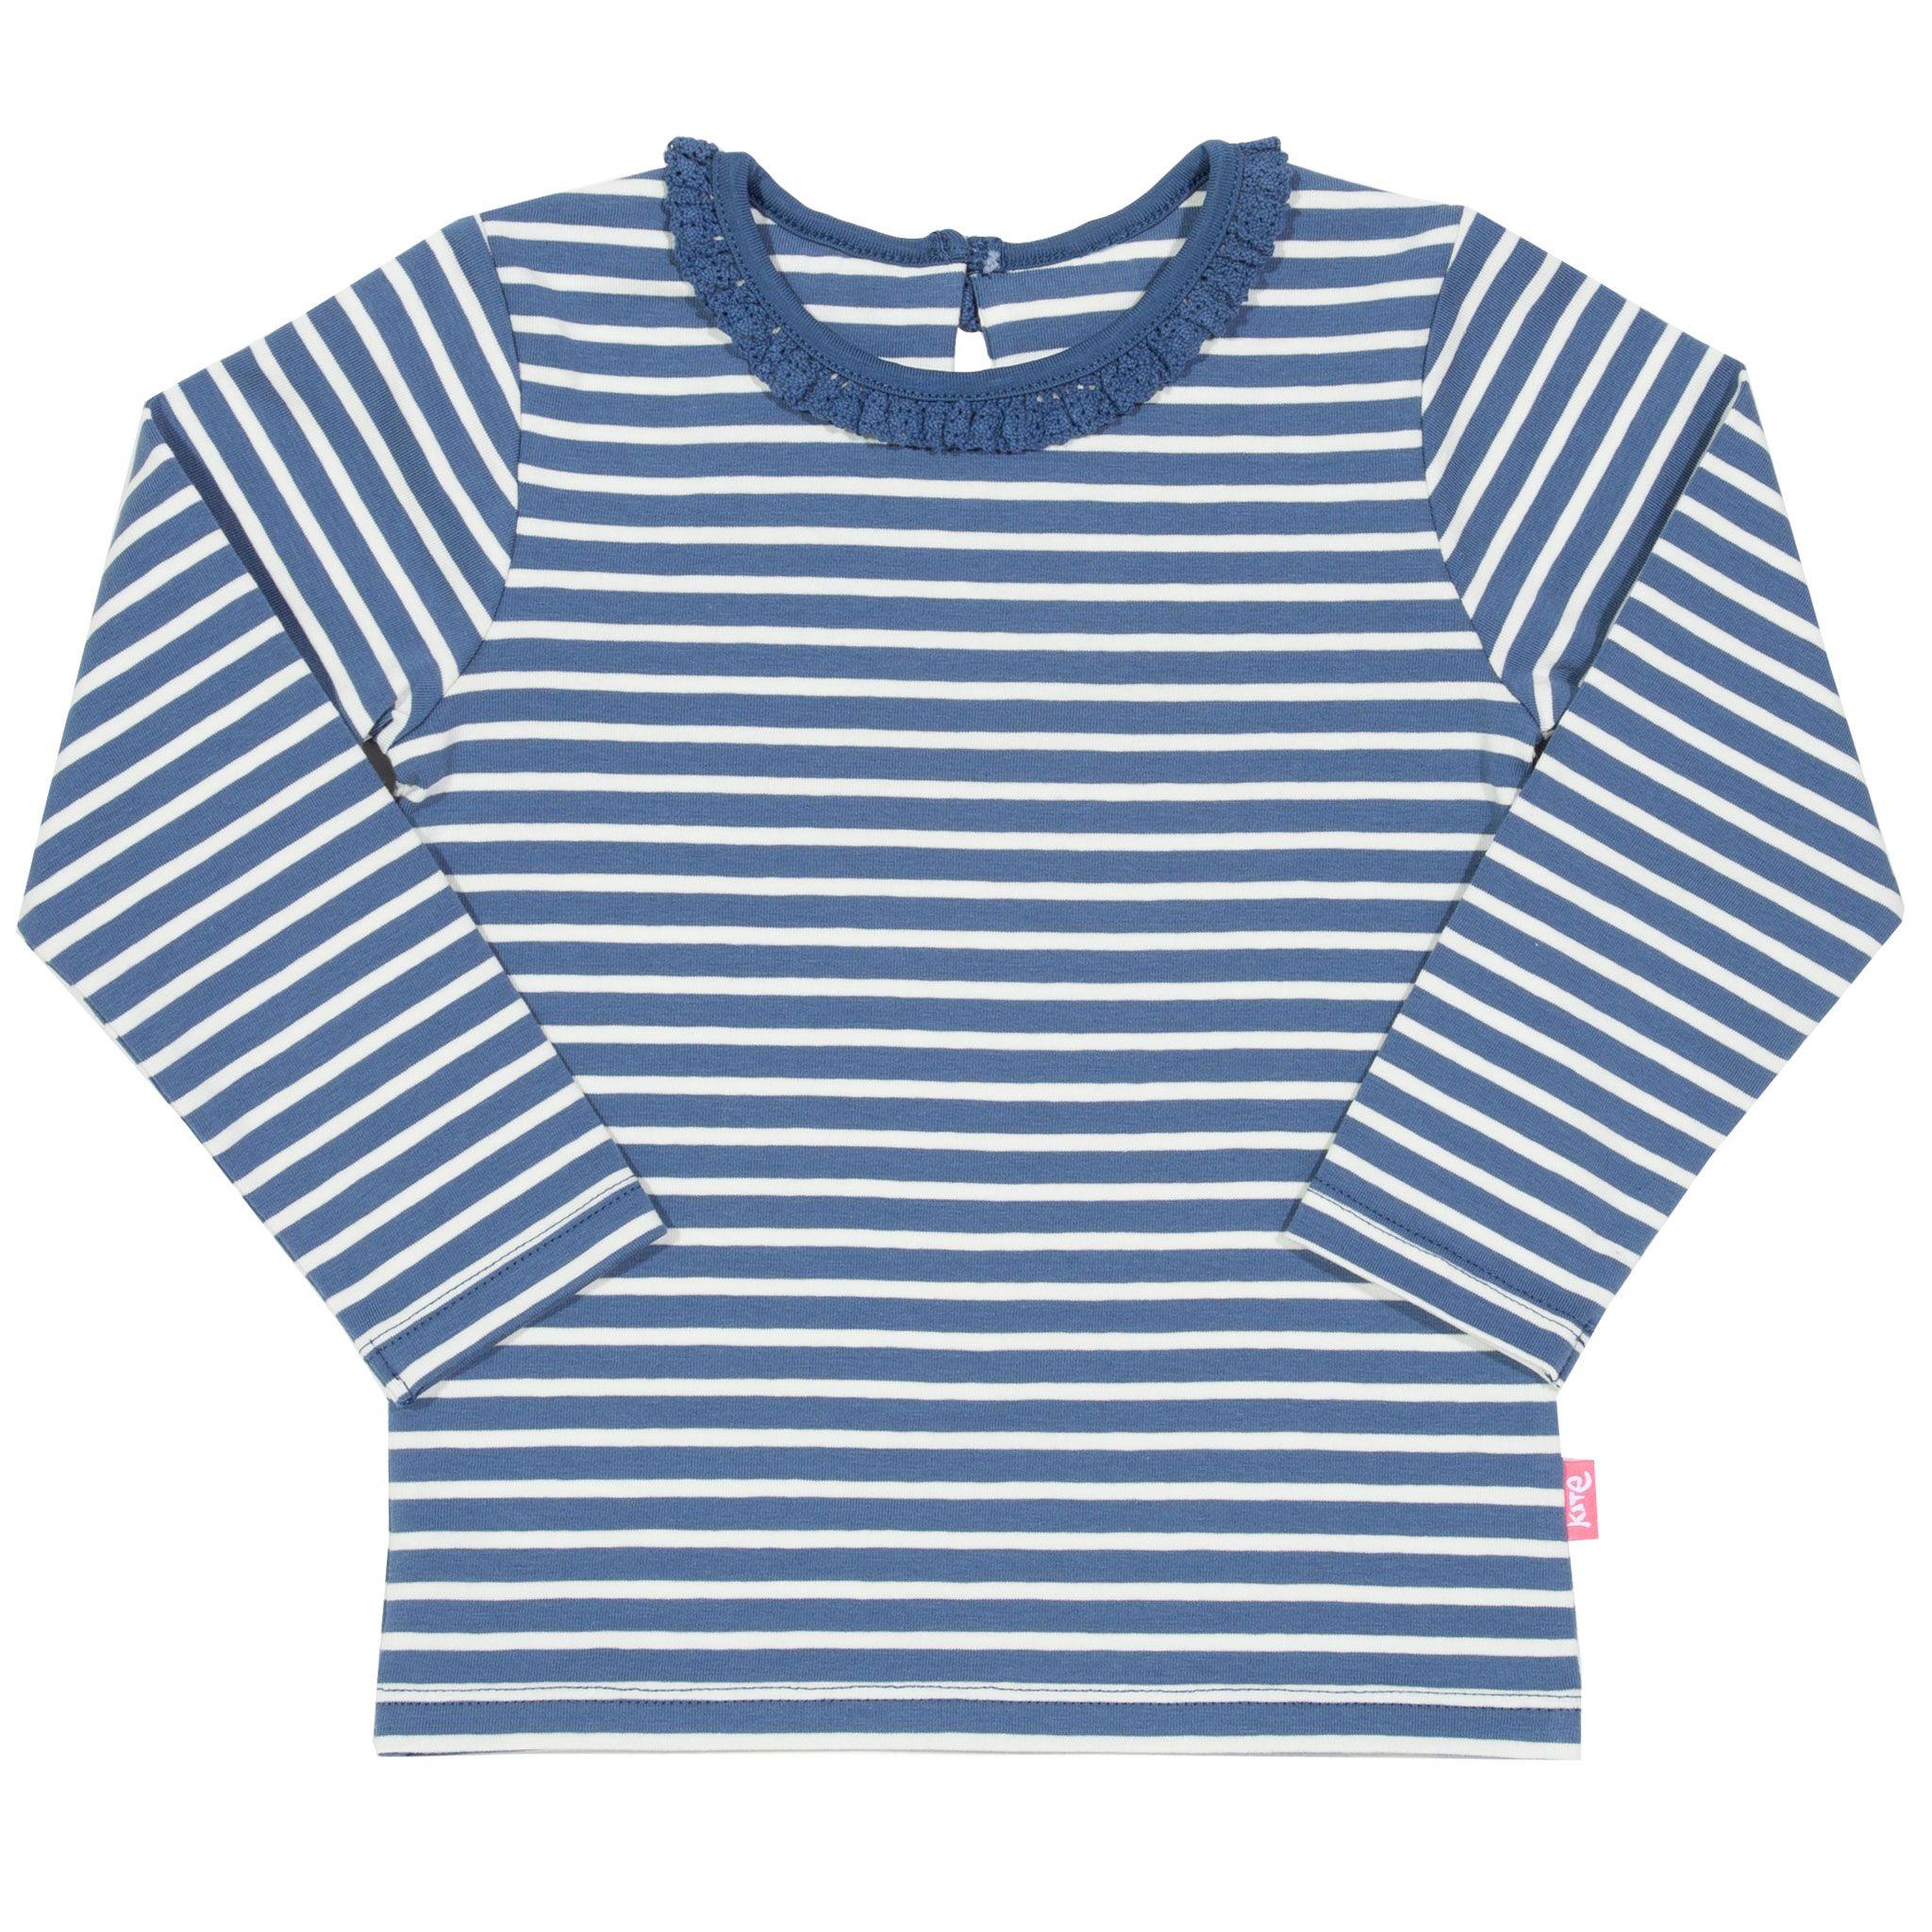 NOW £10 Kite Mini Stripy T-Shirt (Was £20)